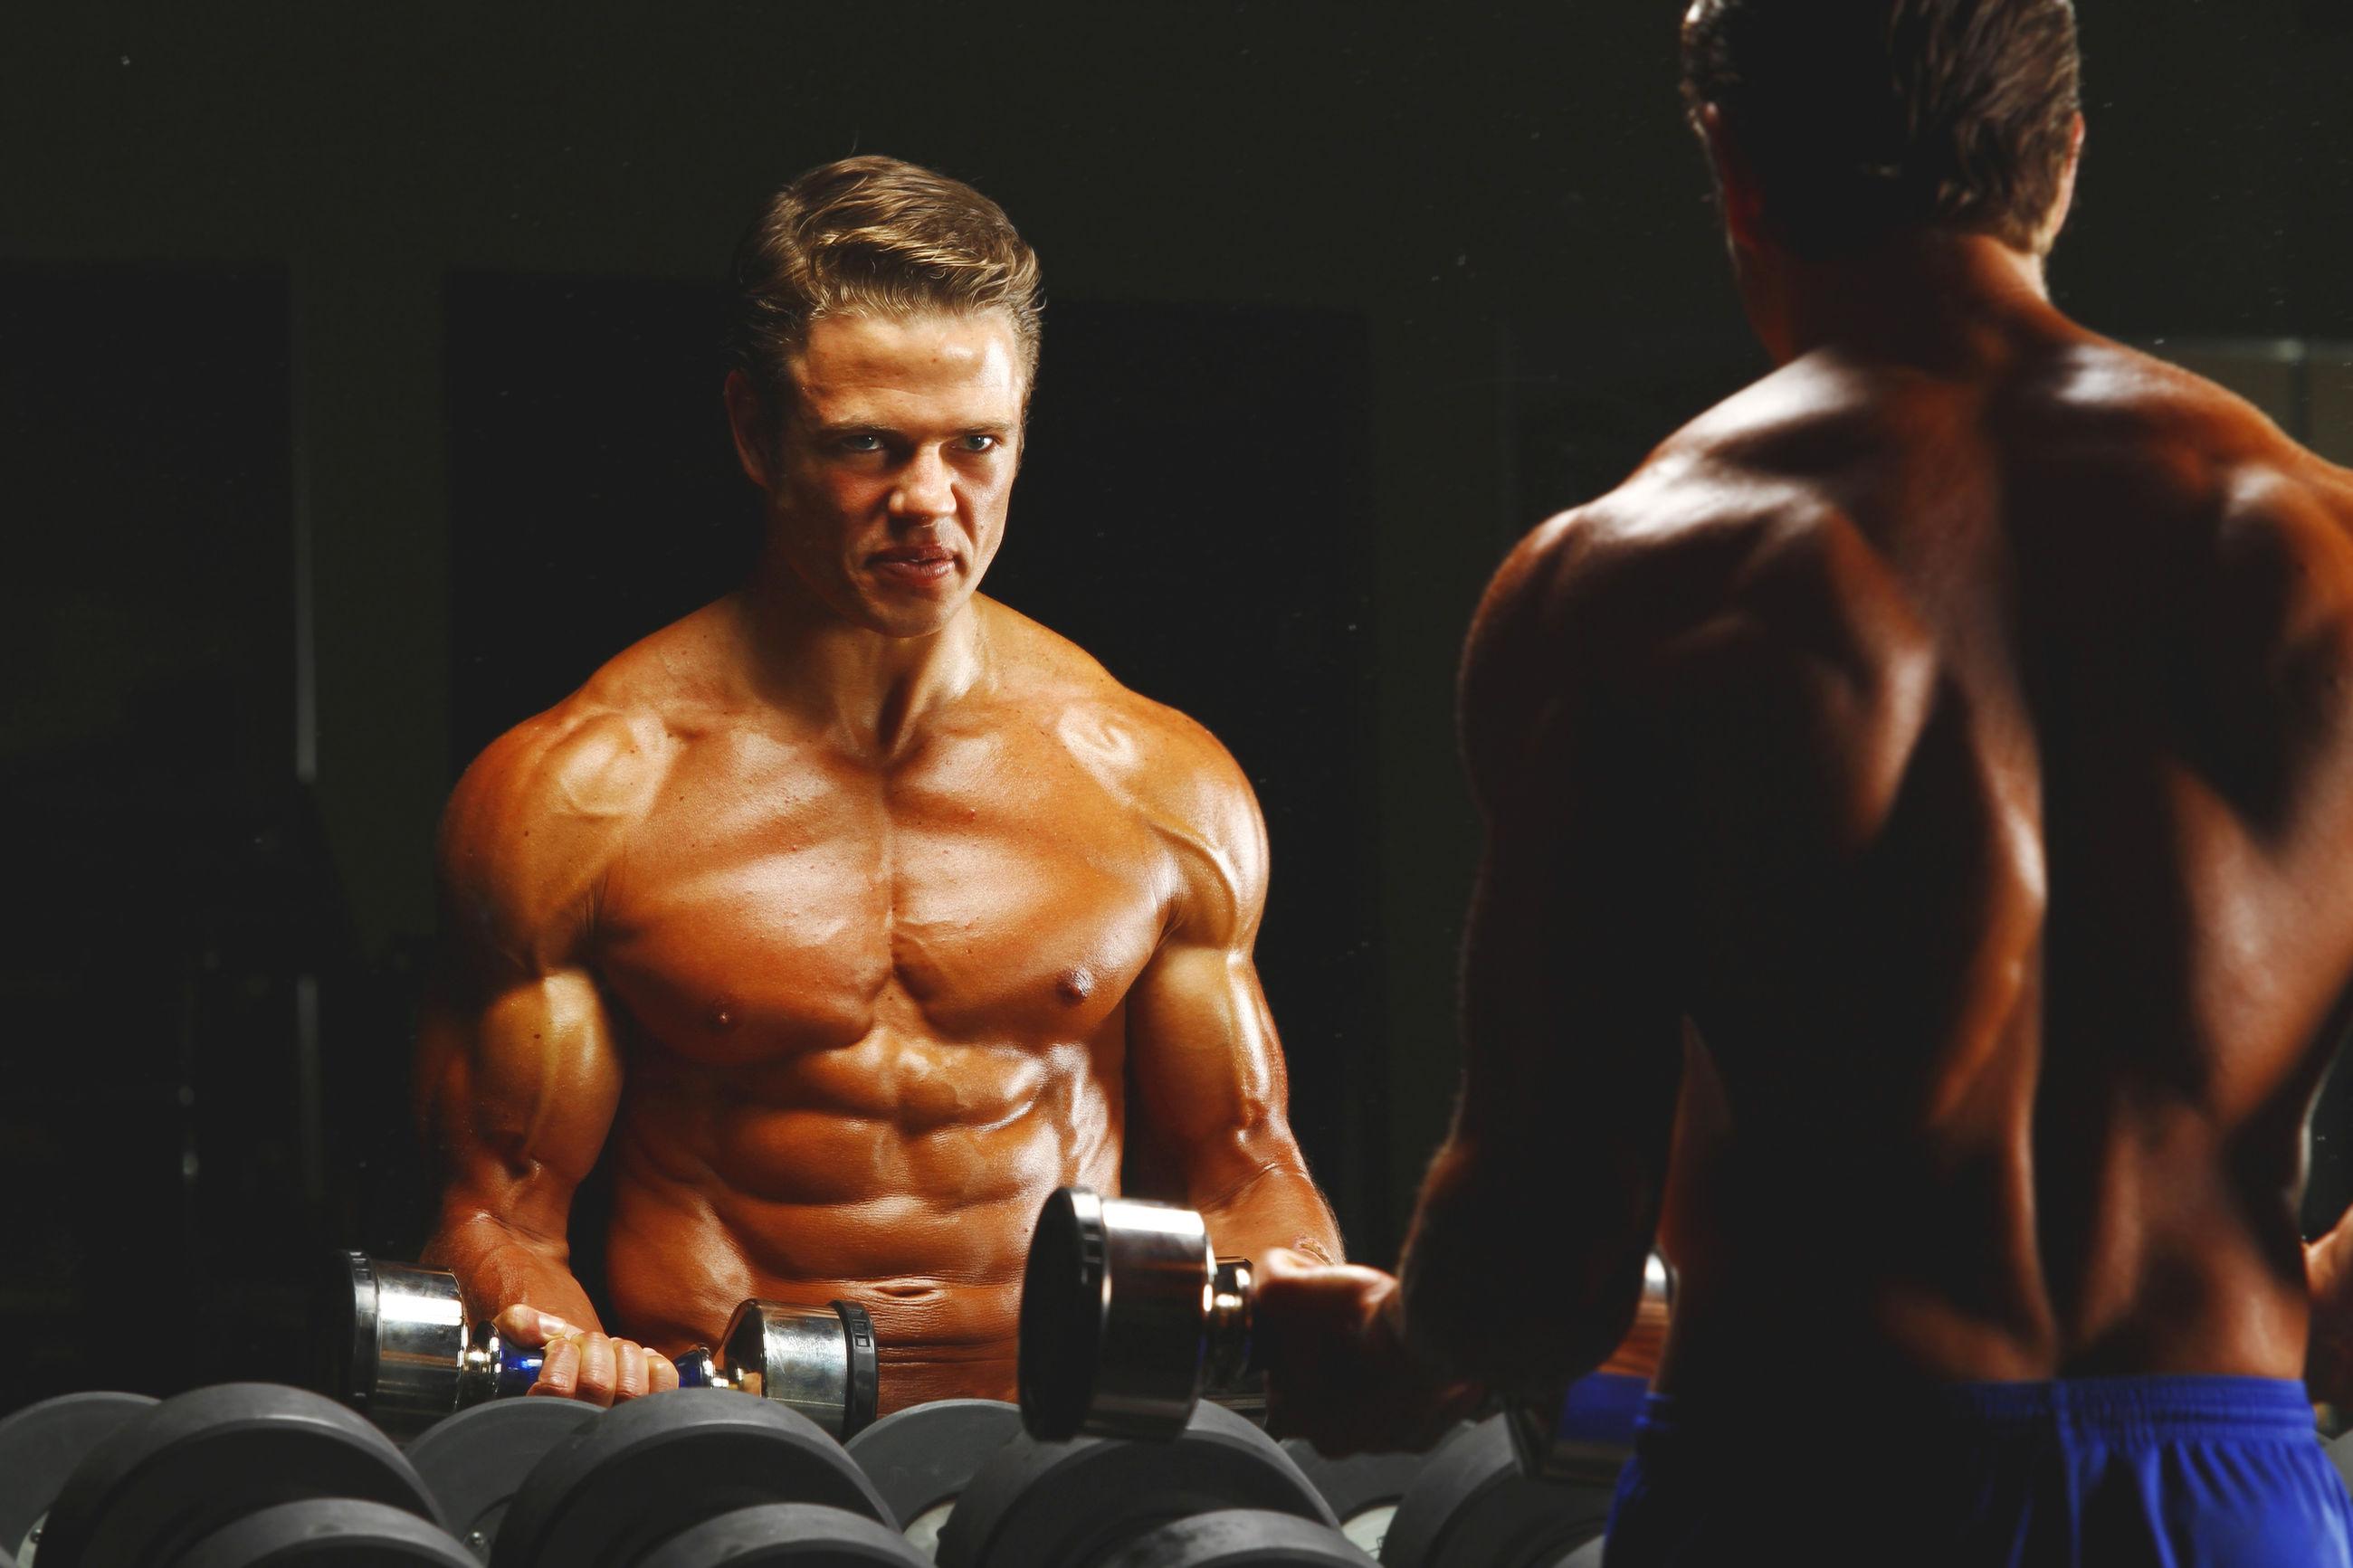 Shirtless muscular man exercising in gym